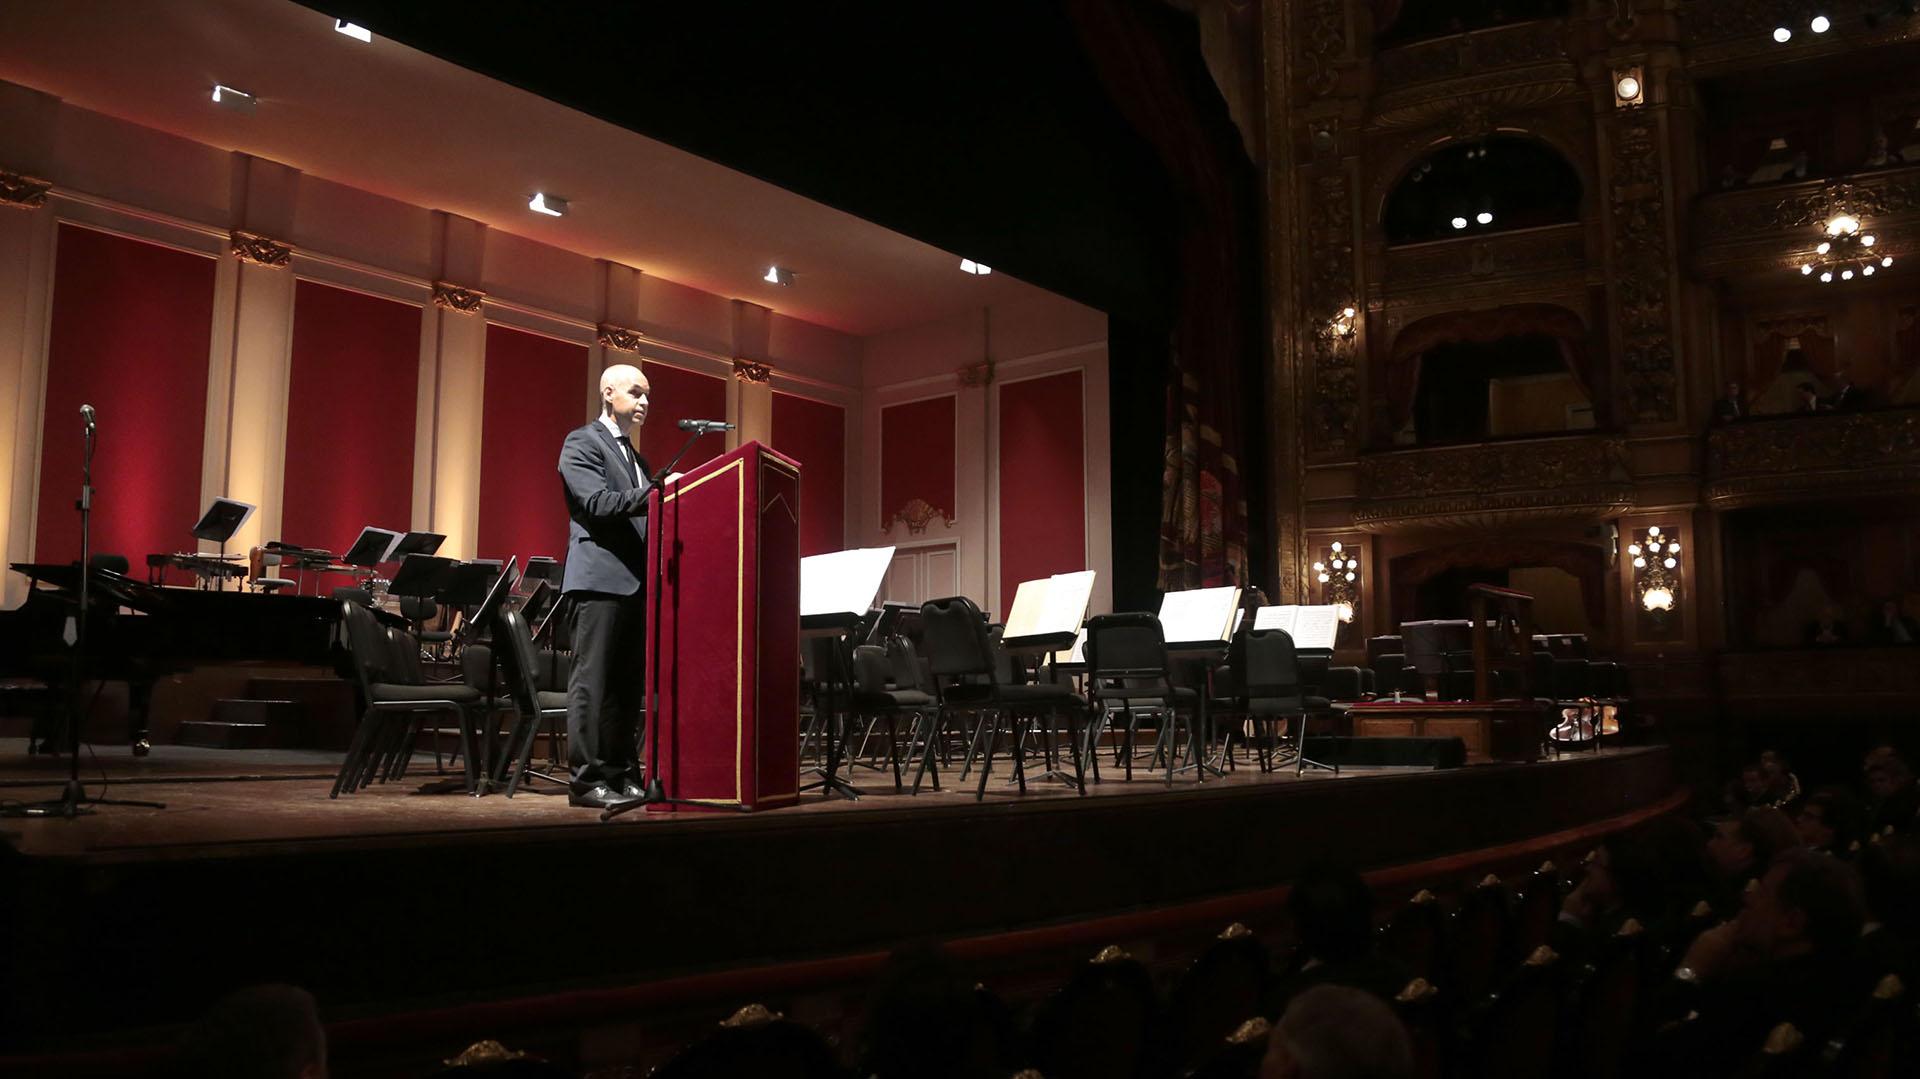 La apertura de la gala estuvo a cargo del jefe de Gobierno porteño, Horacio Rodríguez Larreta.